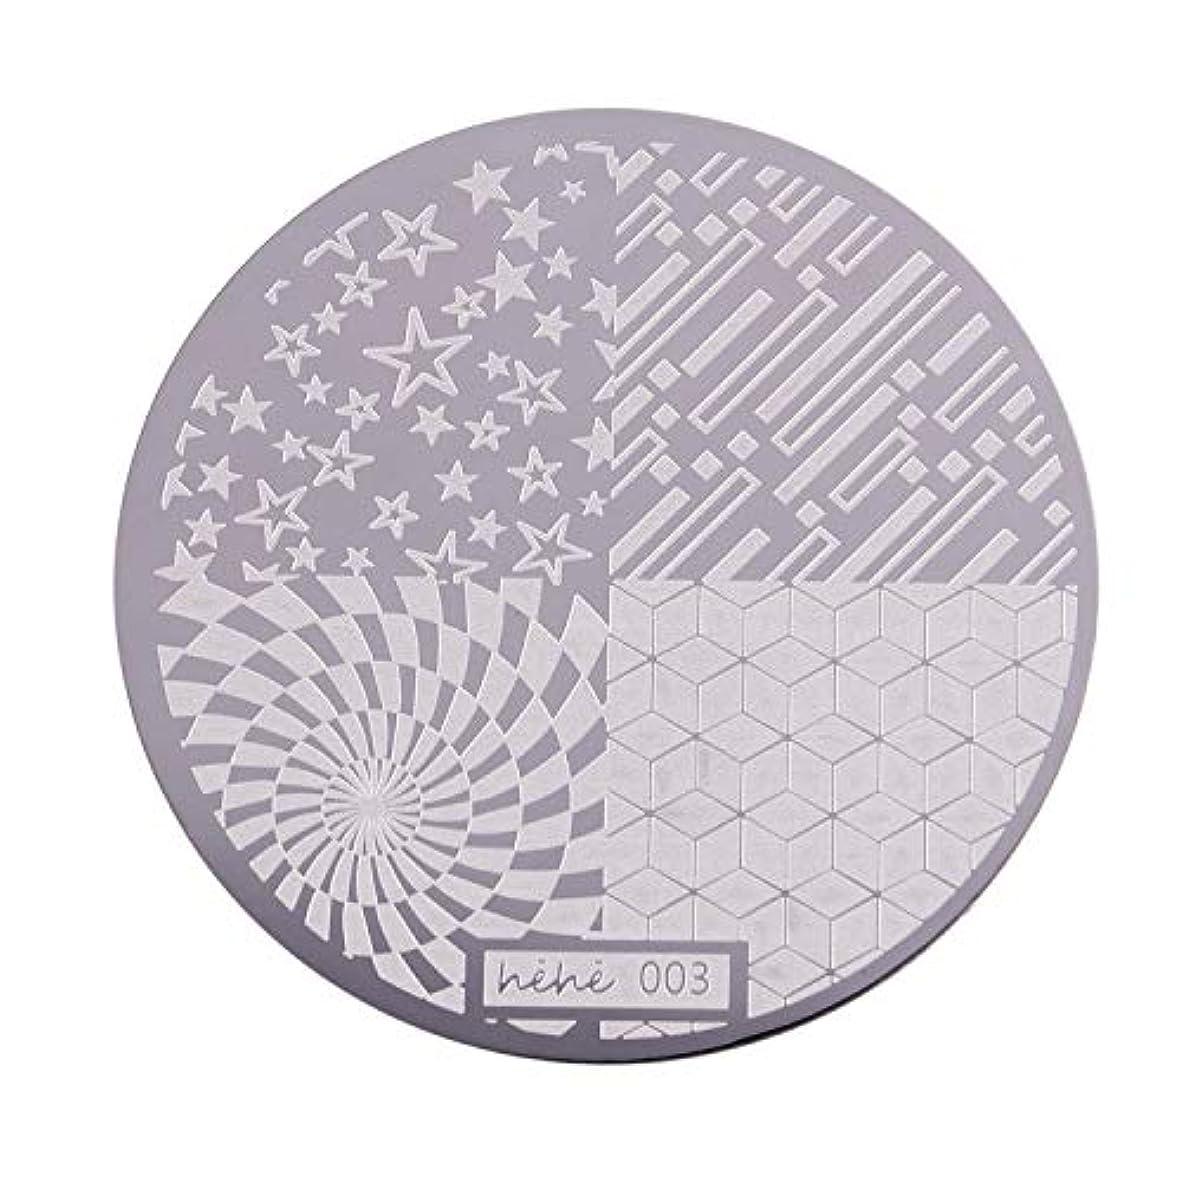 包囲膜責めるVaorwne ネイルアートスタンプピクチャープレート マニキュアテンプレート スチールカラー (HEHE-003)